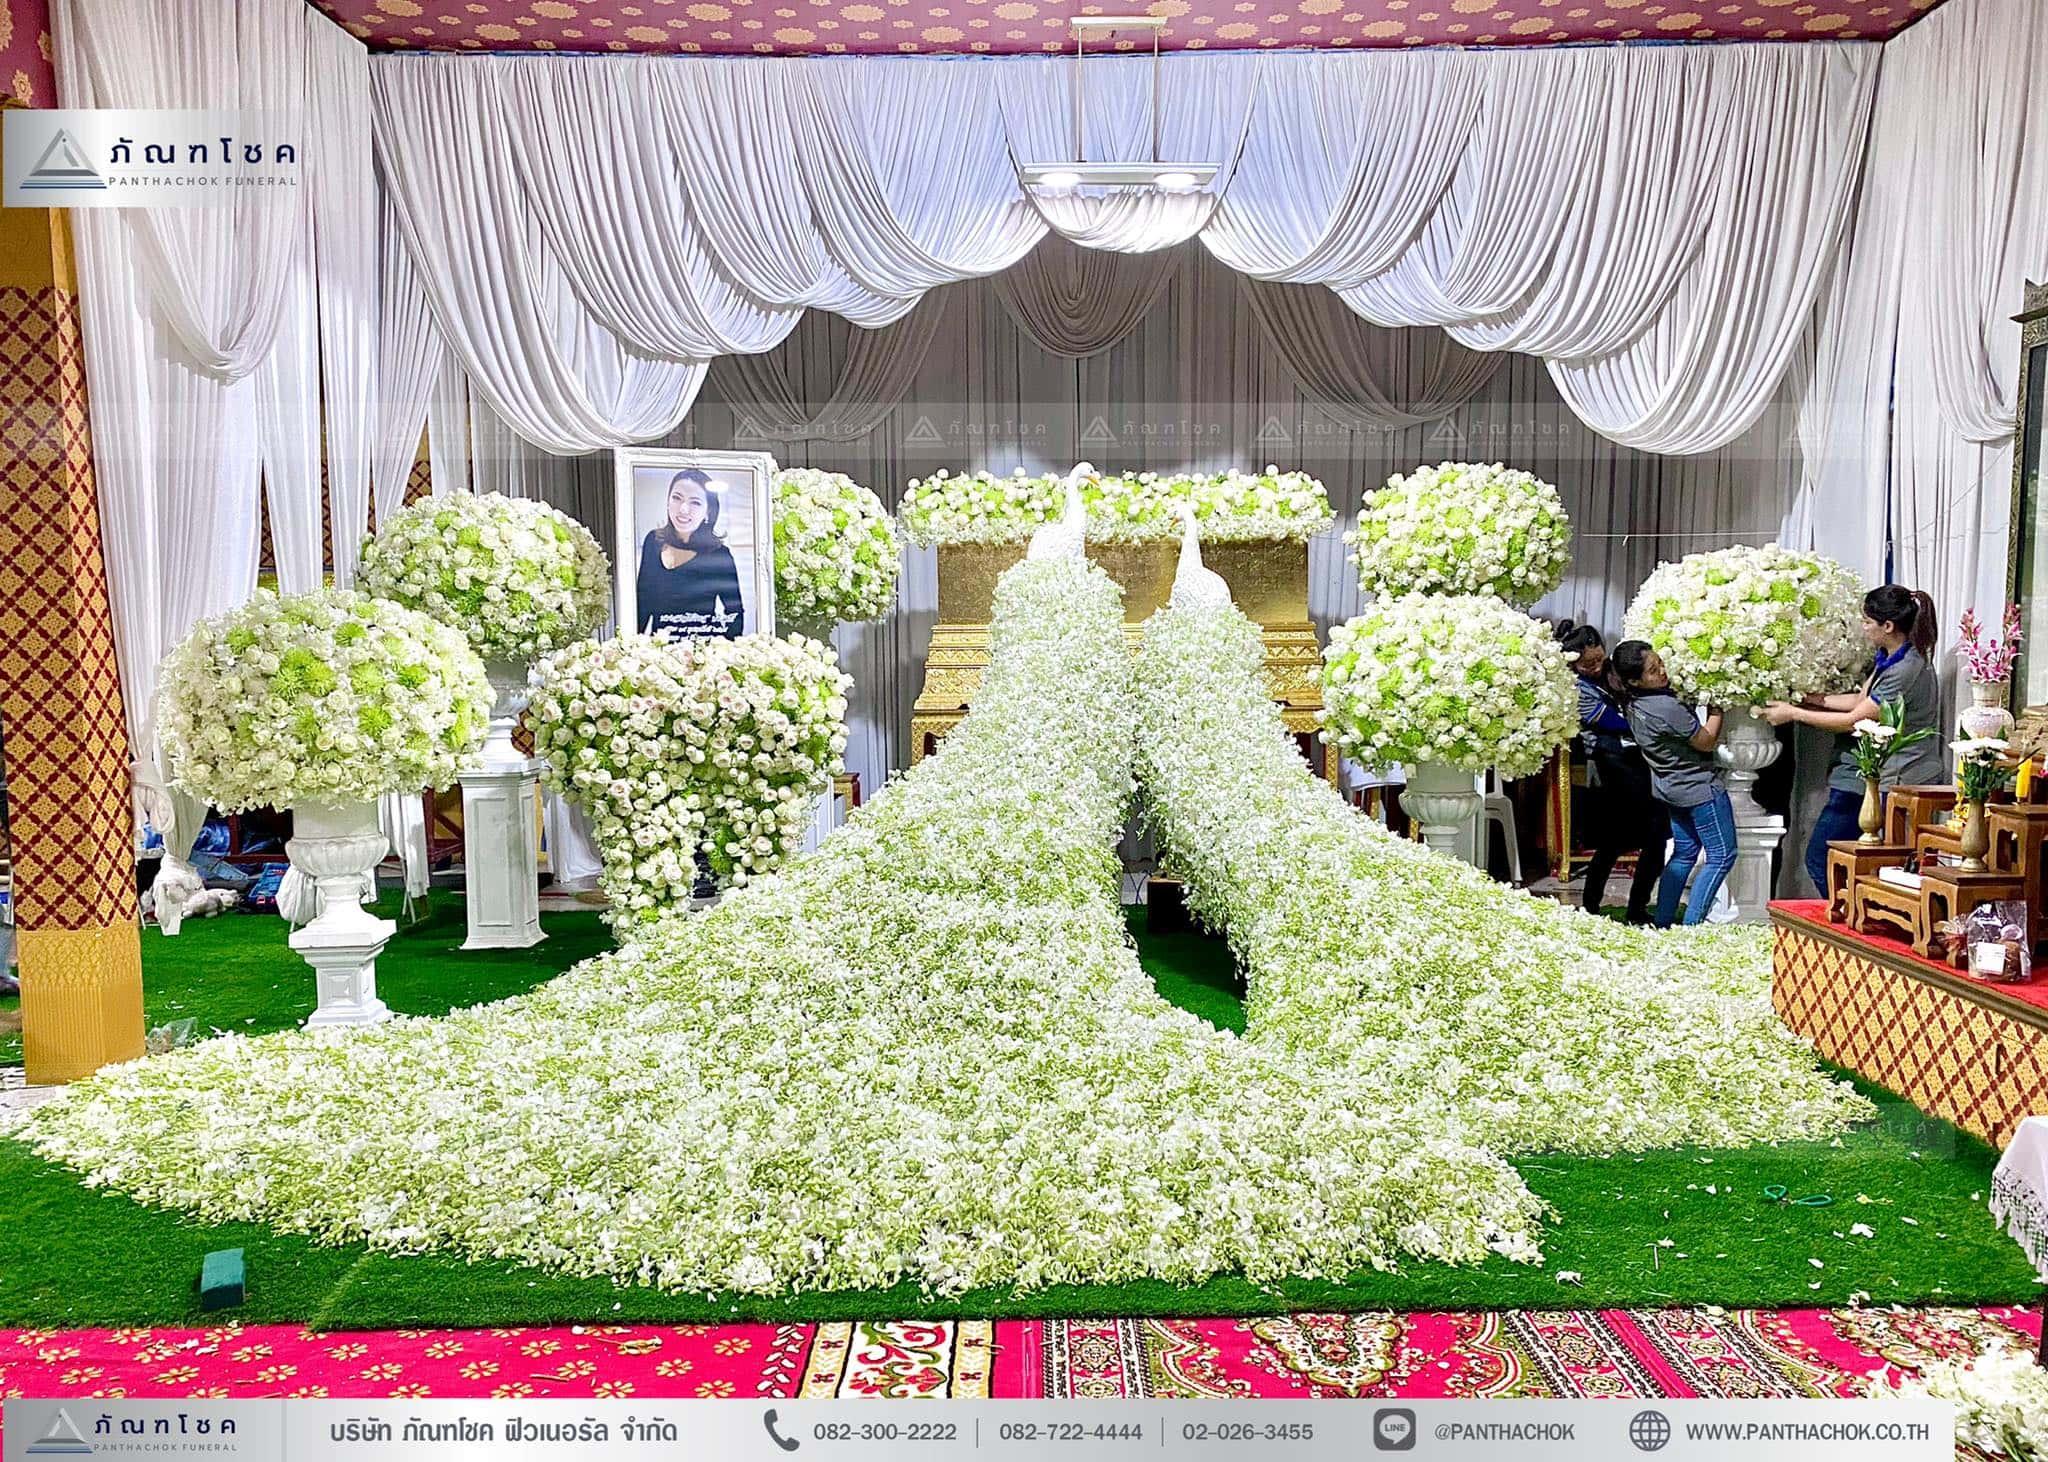 ดอกไม้หน้าศพชุดนกยูงำรูหรา สวยงาม จัดดอกไม้ราชบุรี